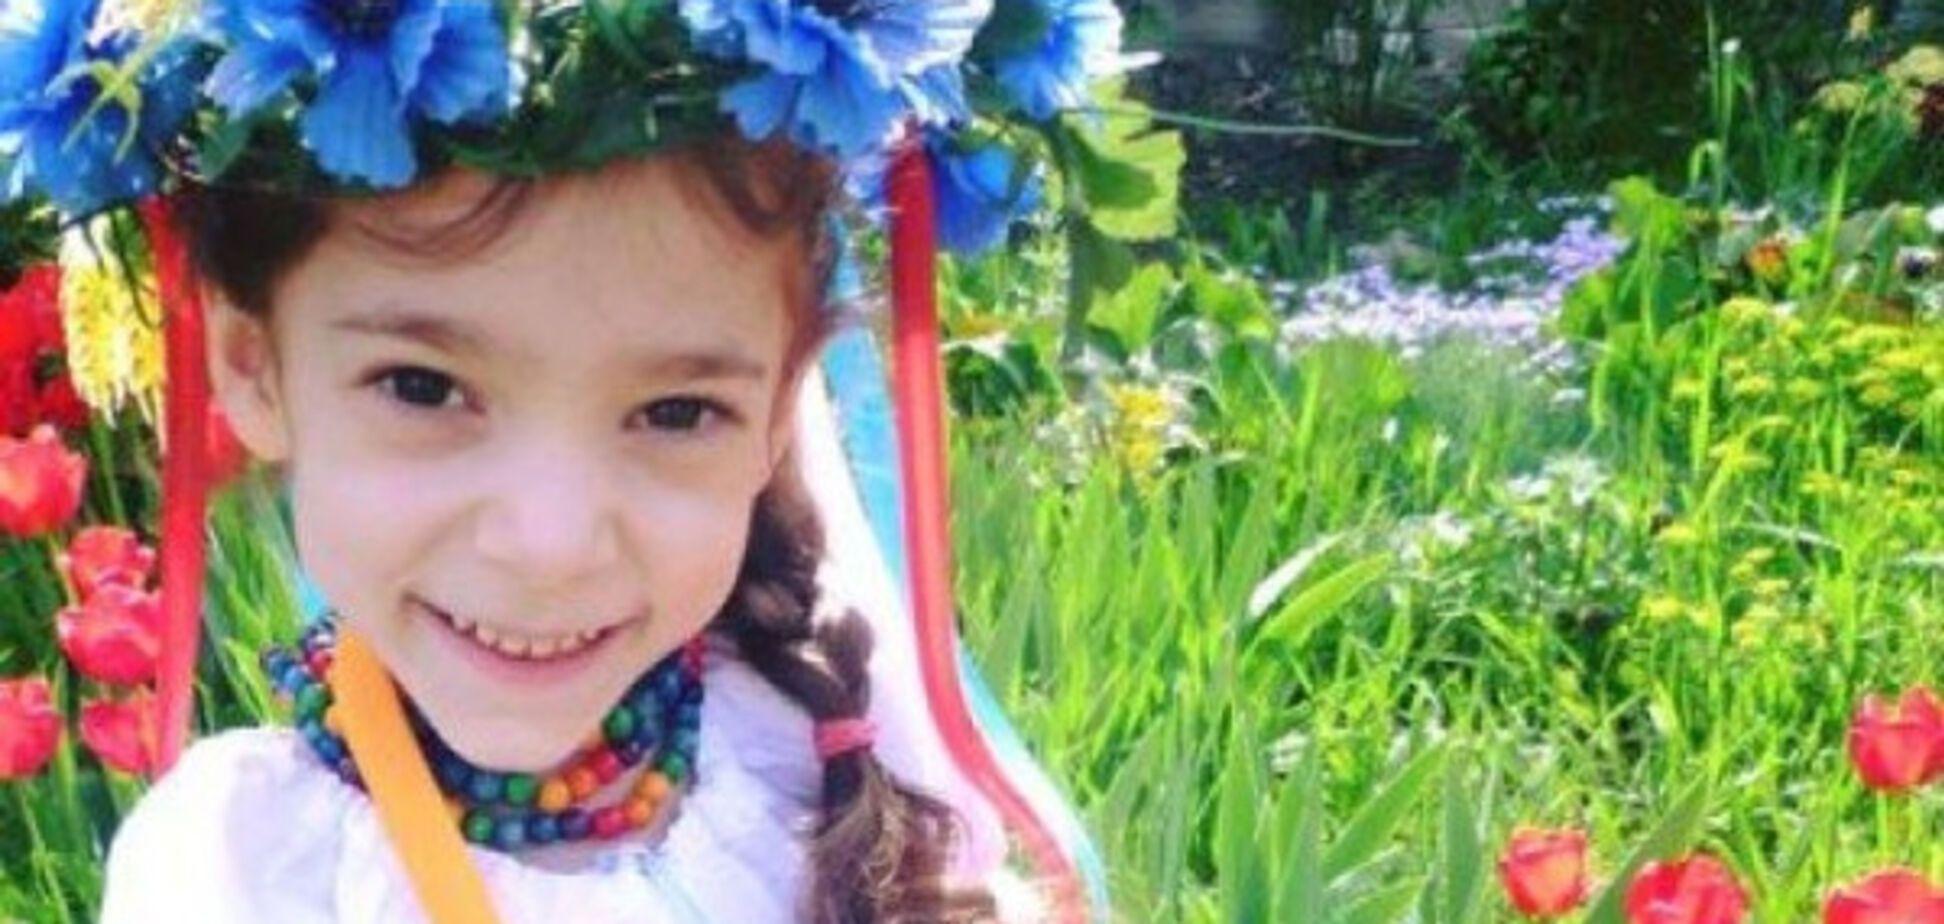 Родители сожгли тело: установлены жуткие подробности смерти 6-летней девочки в Кривом Роге